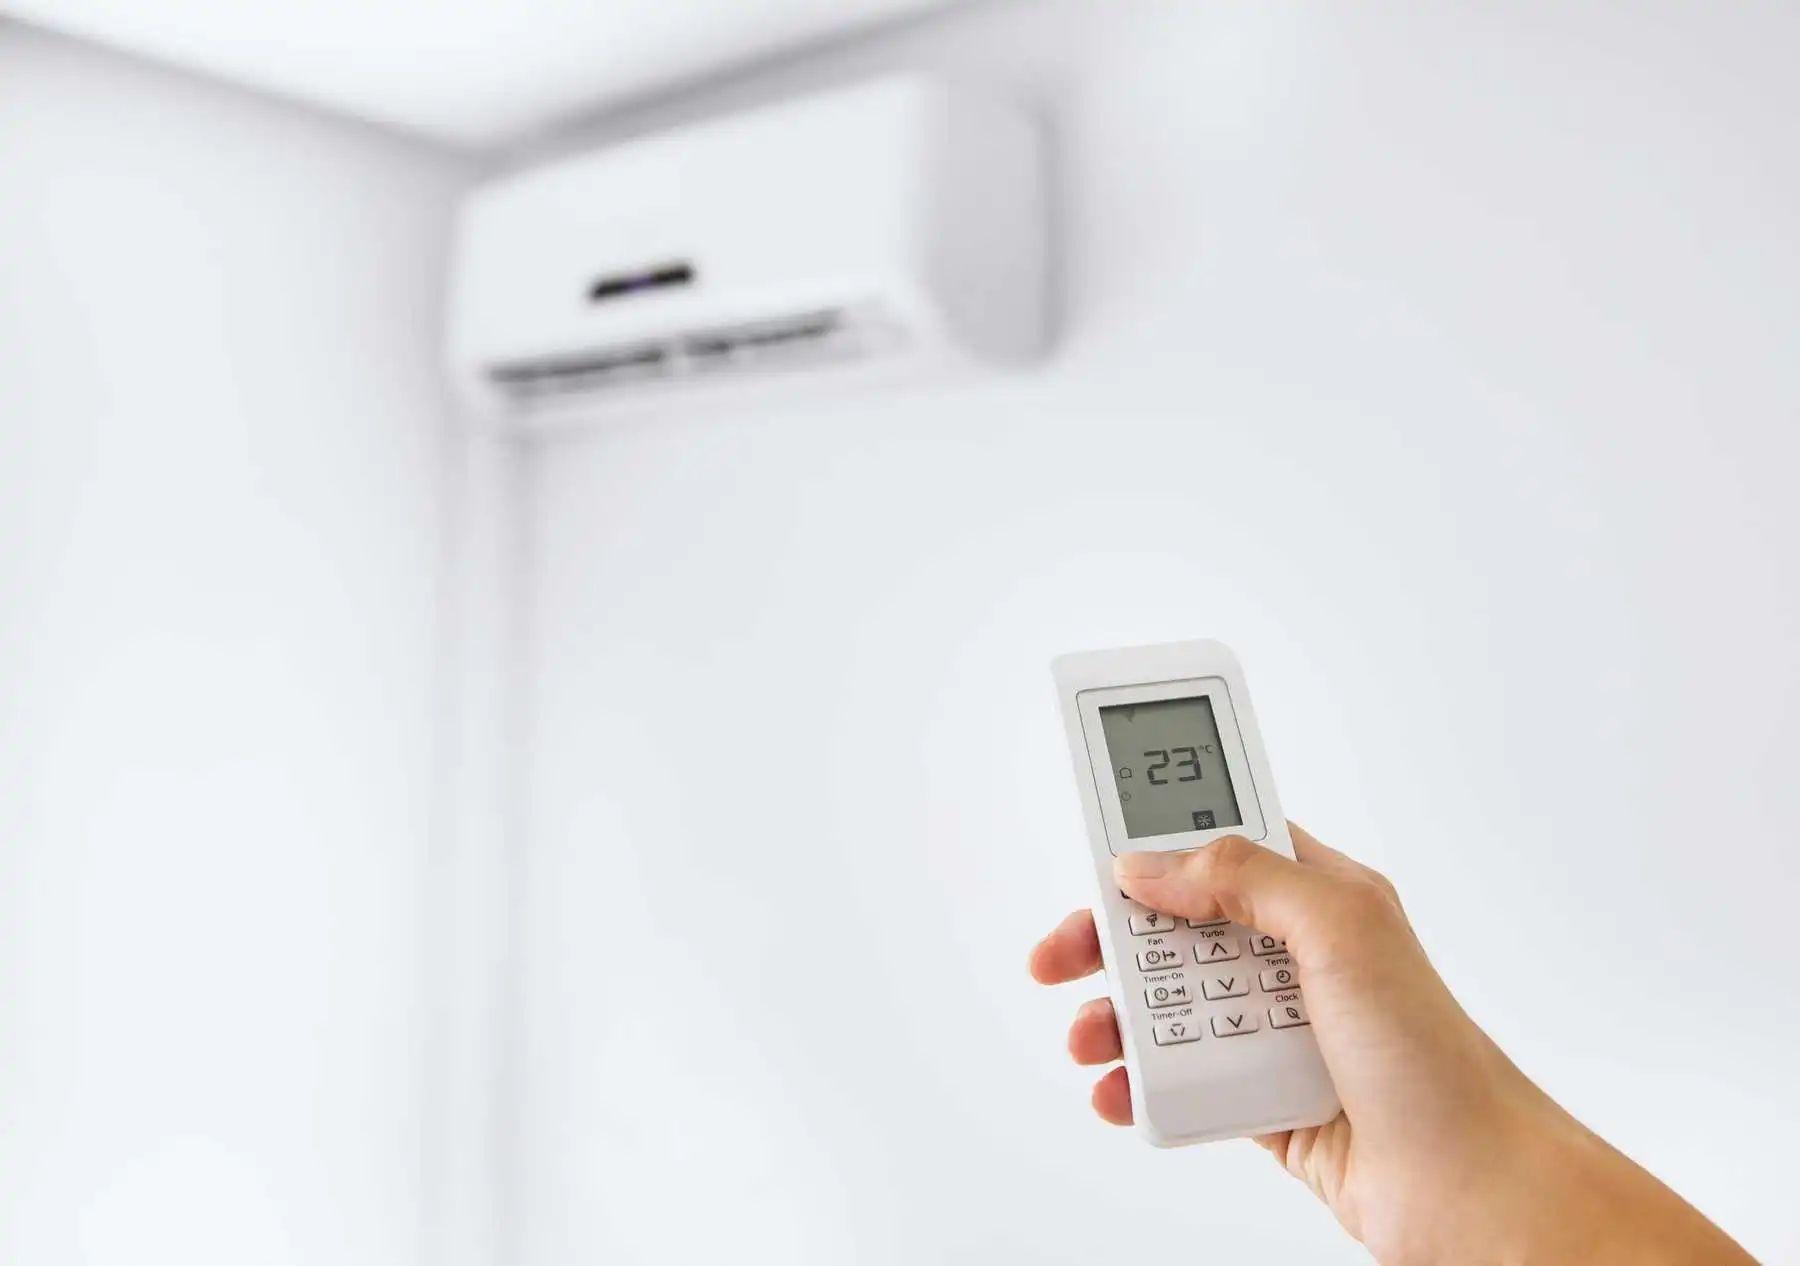 Khi nào vệ sinh máy lạnh là tốt nhất? | Cleanipedia